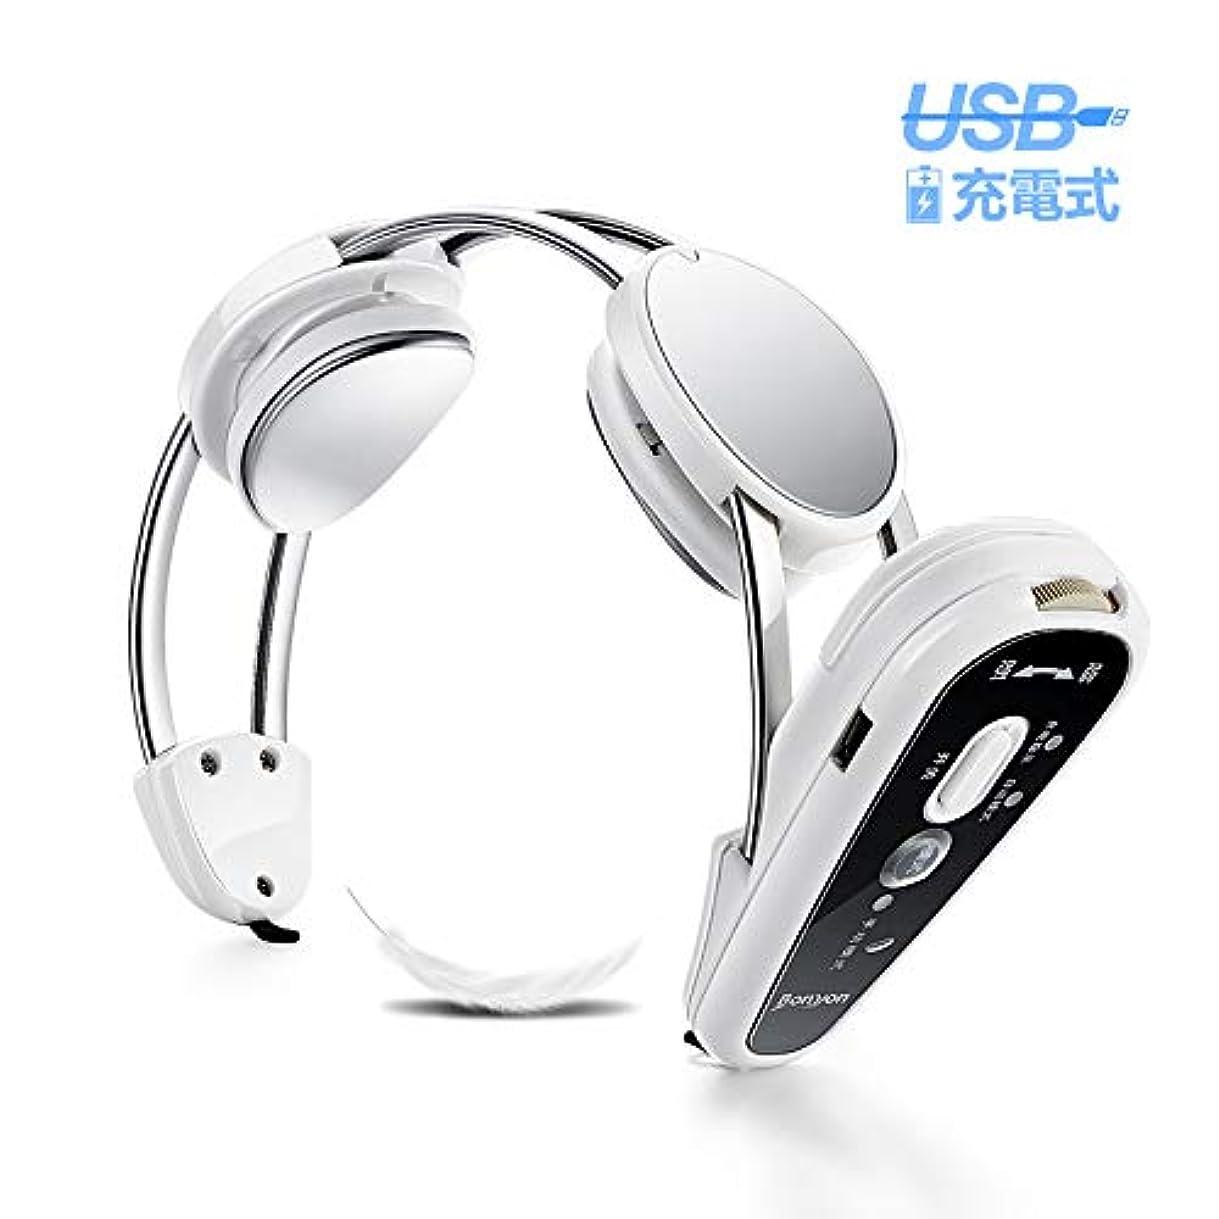 手のひら存在するスクラブ首マッサージャー マッサージ 器 USB 充電式 ネックマッサージャー 首 肩 肩こり ストレス解消 家庭用 車用 日本語説明書